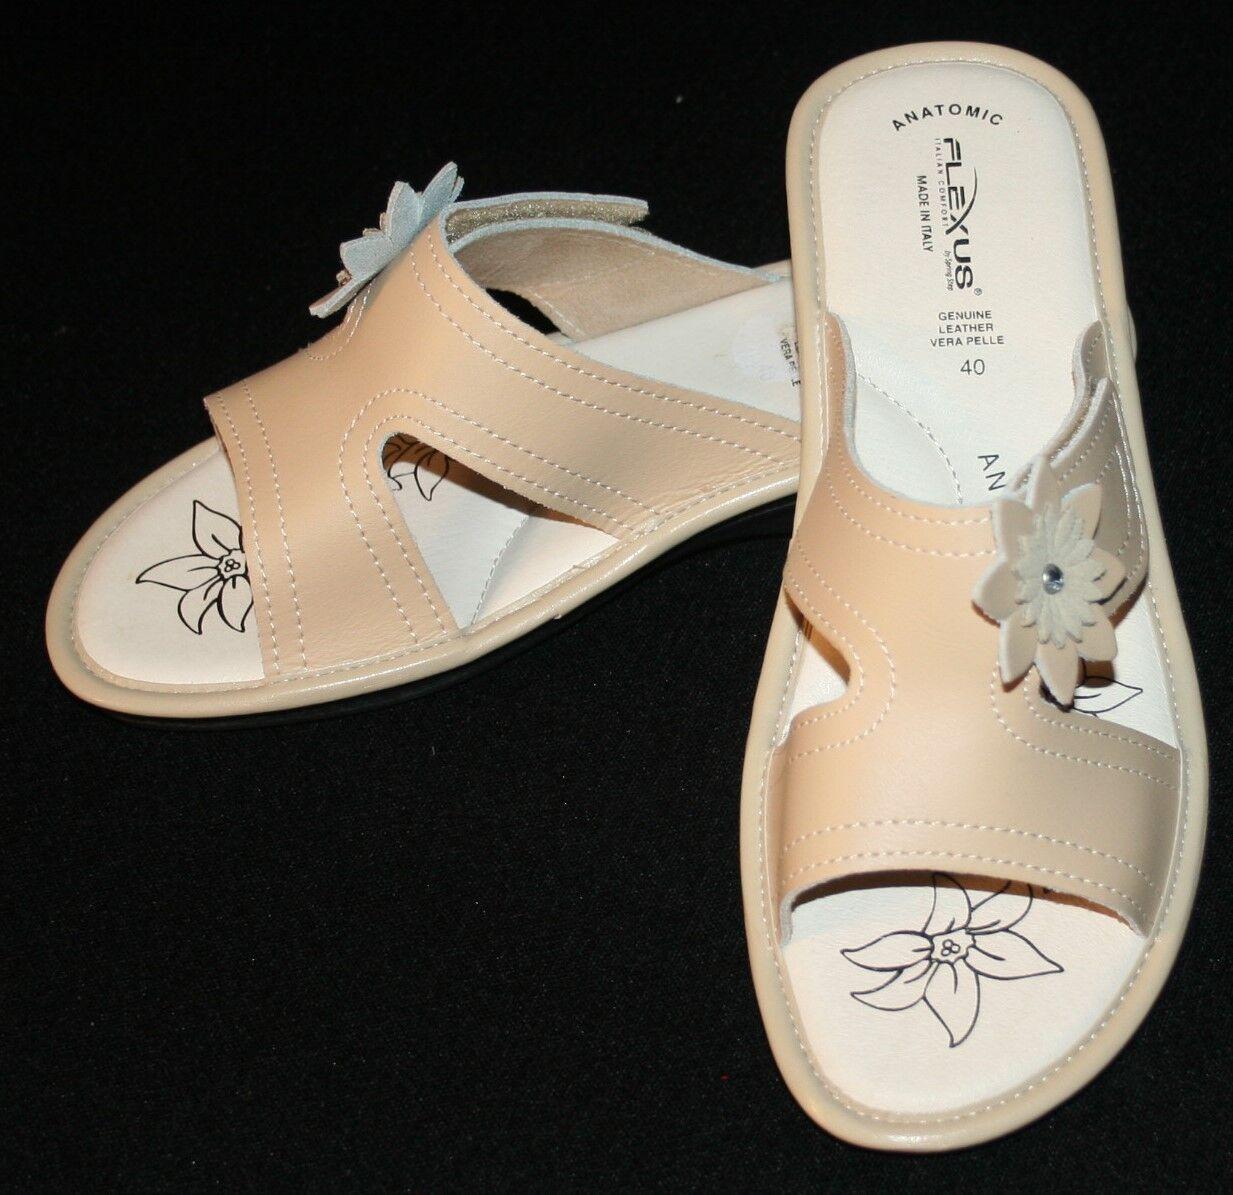 Flexus Sprint Step Slip On Sandals 40   9  Beige Leather Comfort Womens Slides